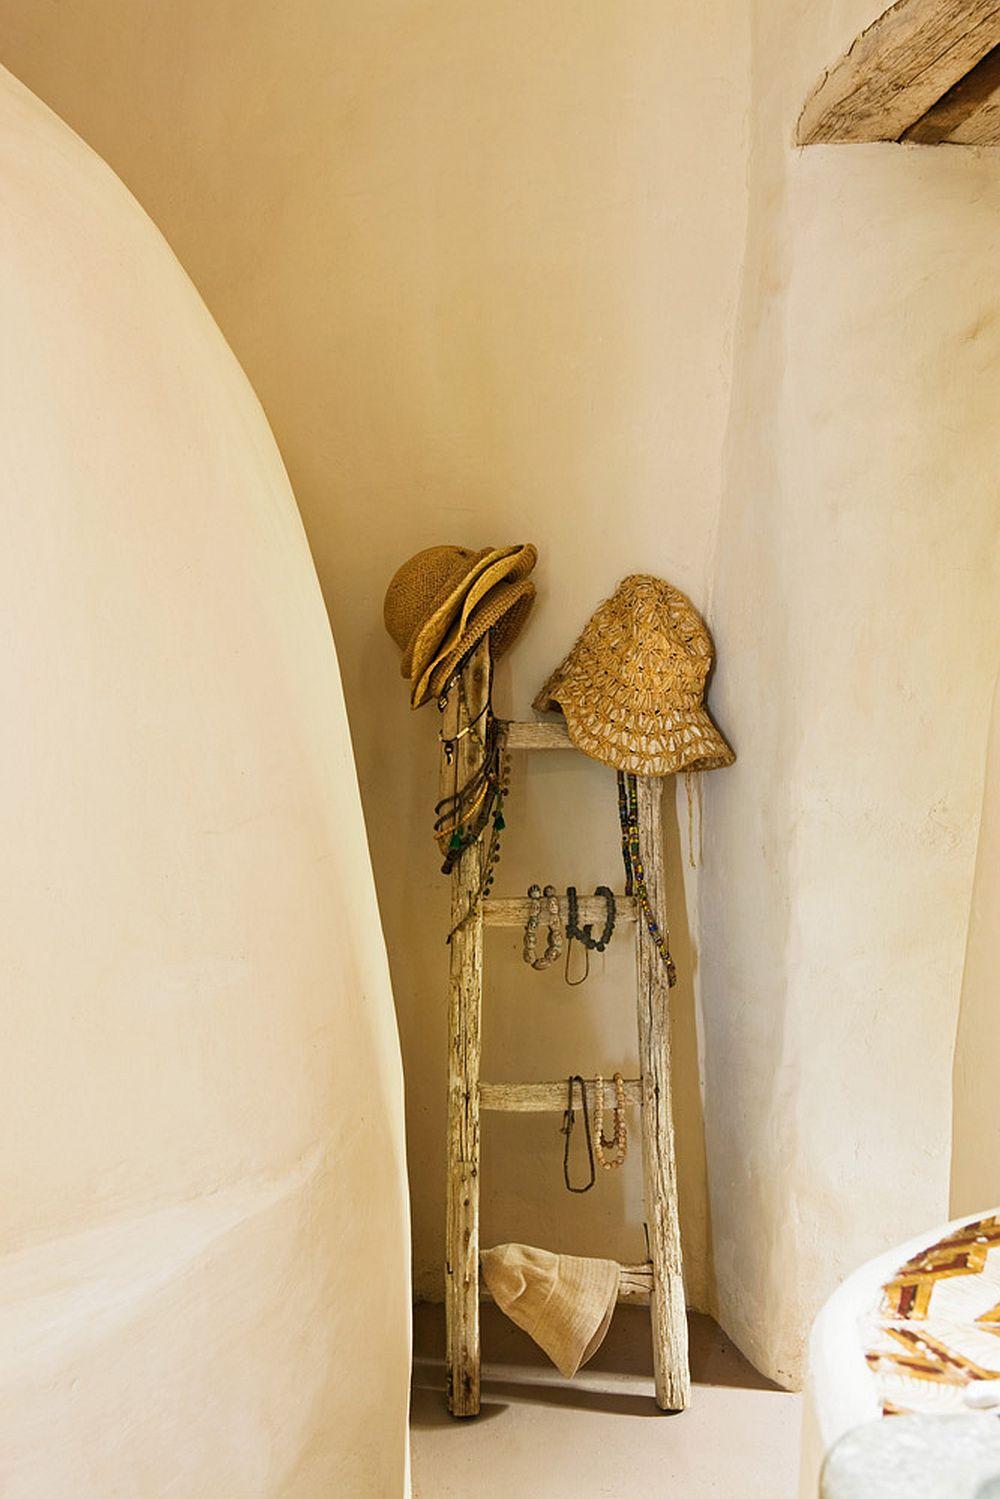 adelaparvu.com despre casa naturala in Filicudi, casa din materiale naturale Insulele Eoliene, Foto Adriano Bacchella (26)